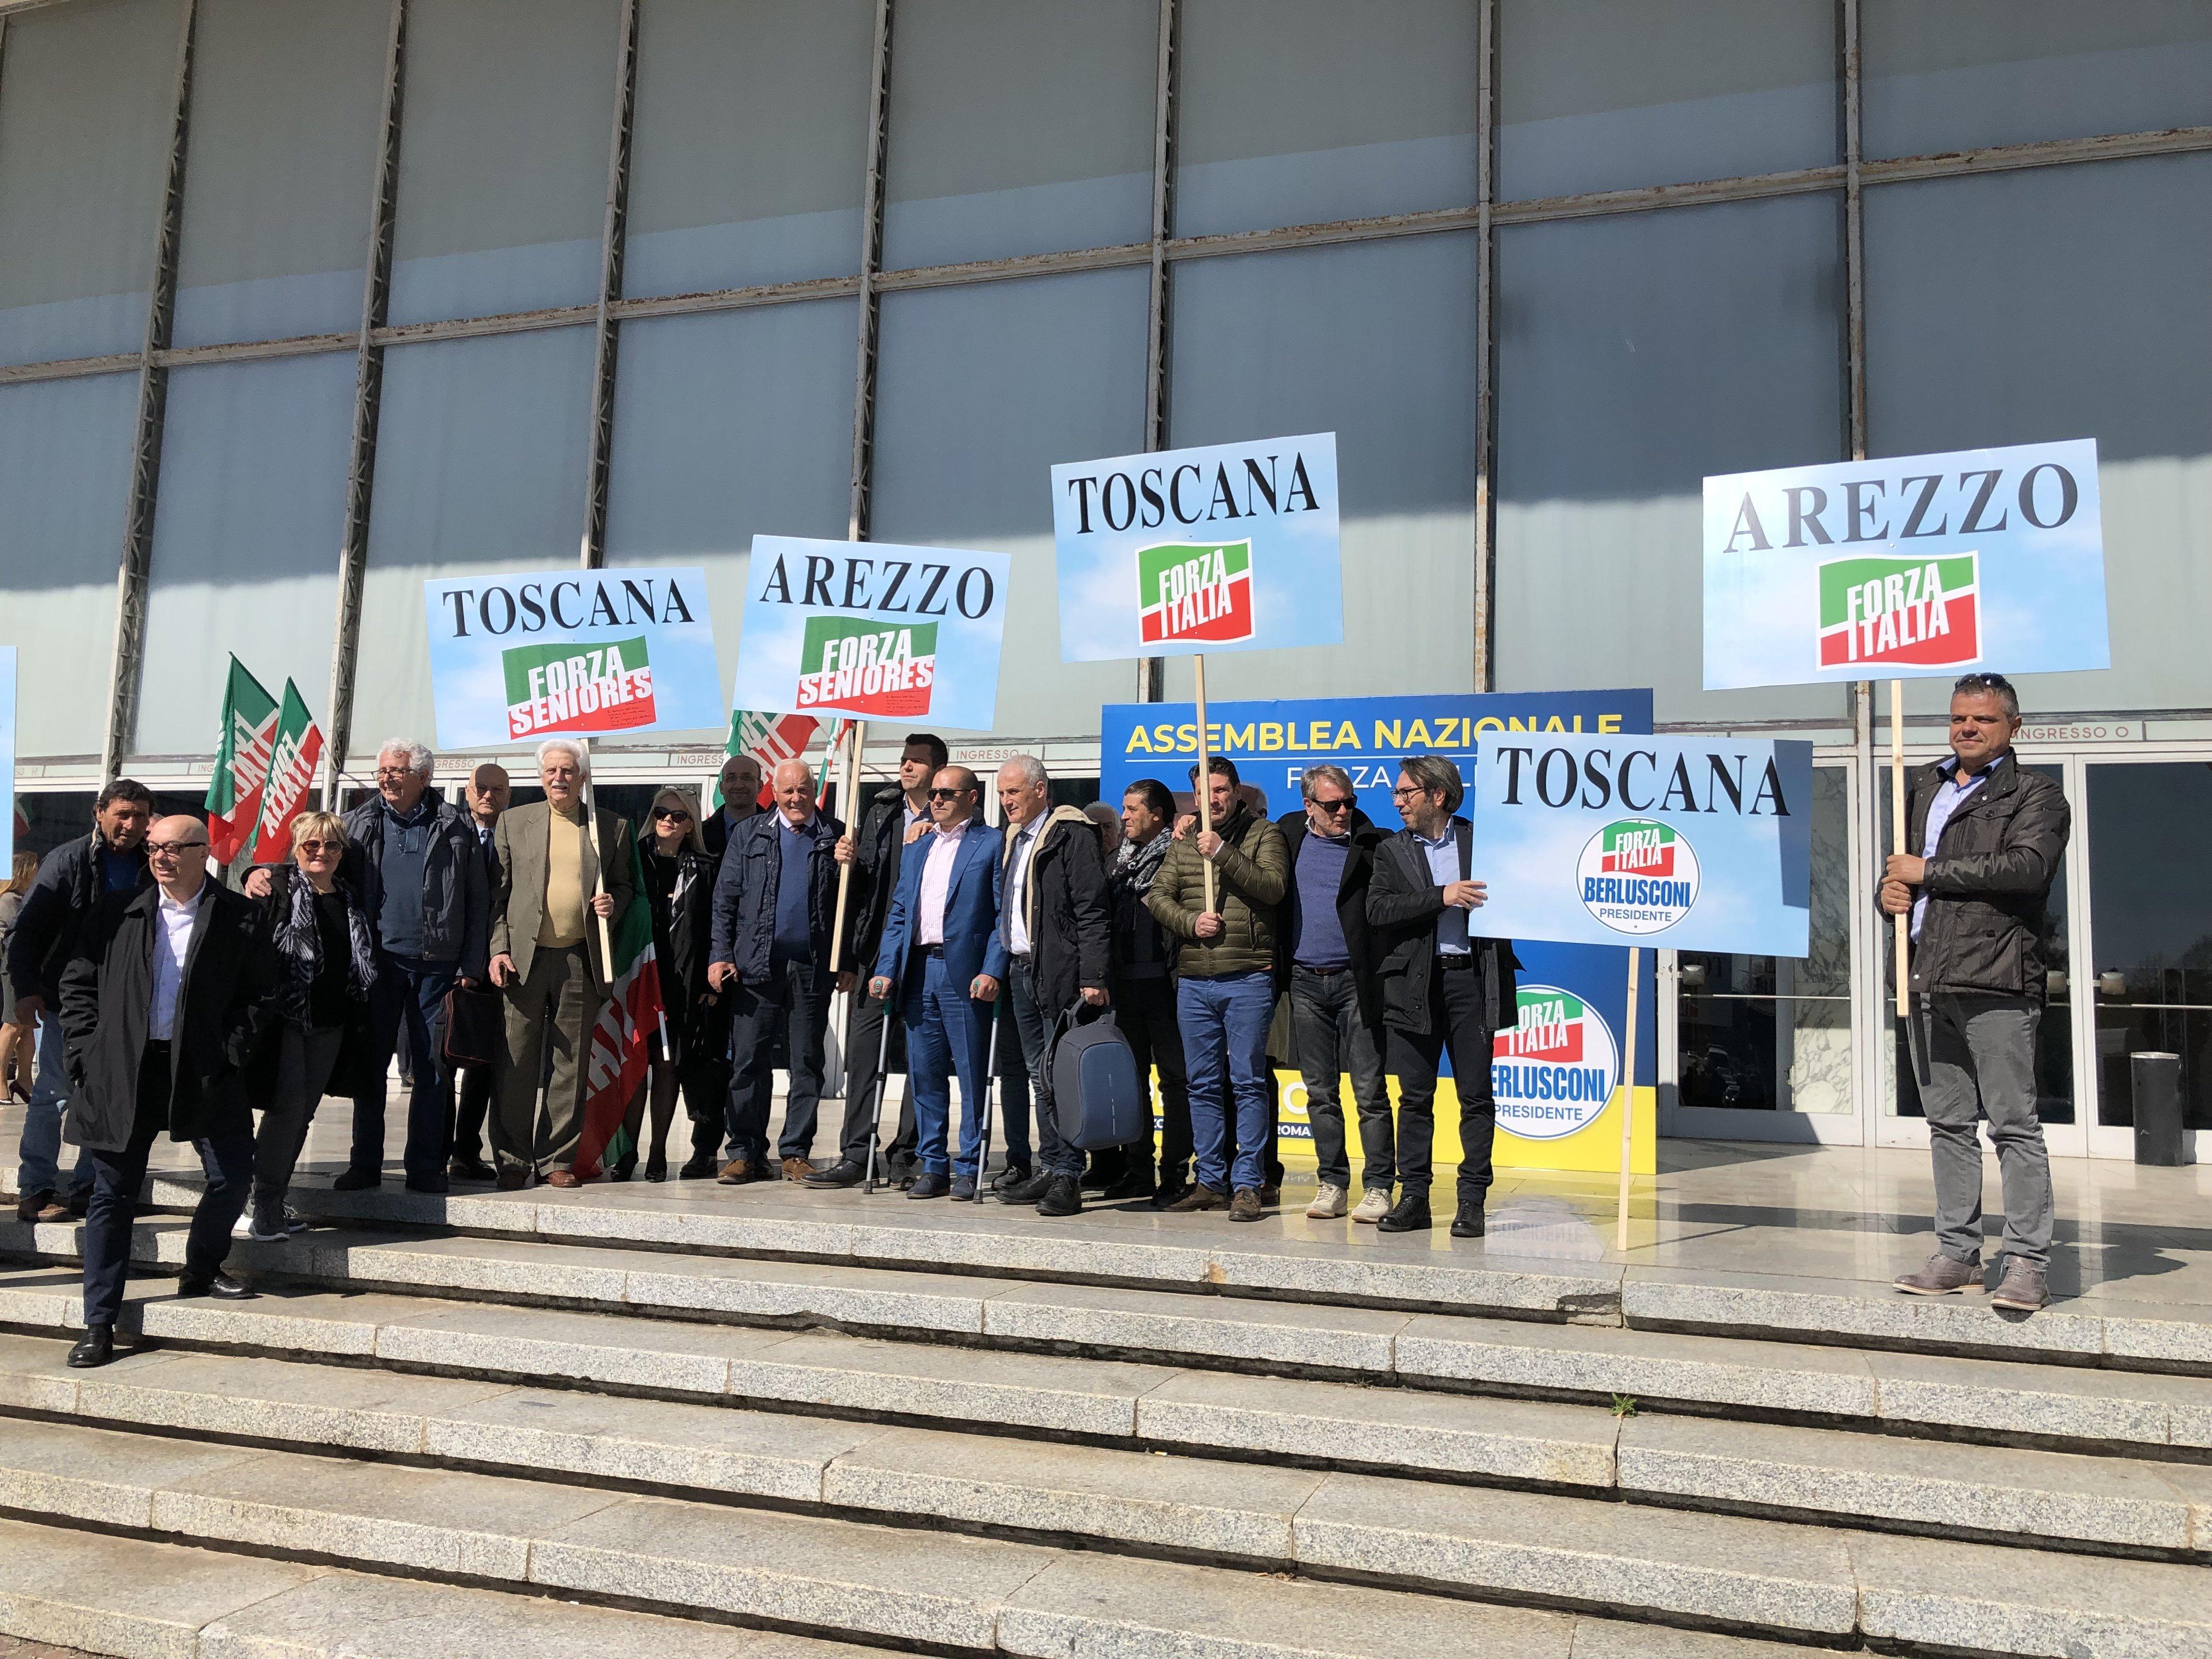 Assemblea Nazionale: Arezzo c'è! 20